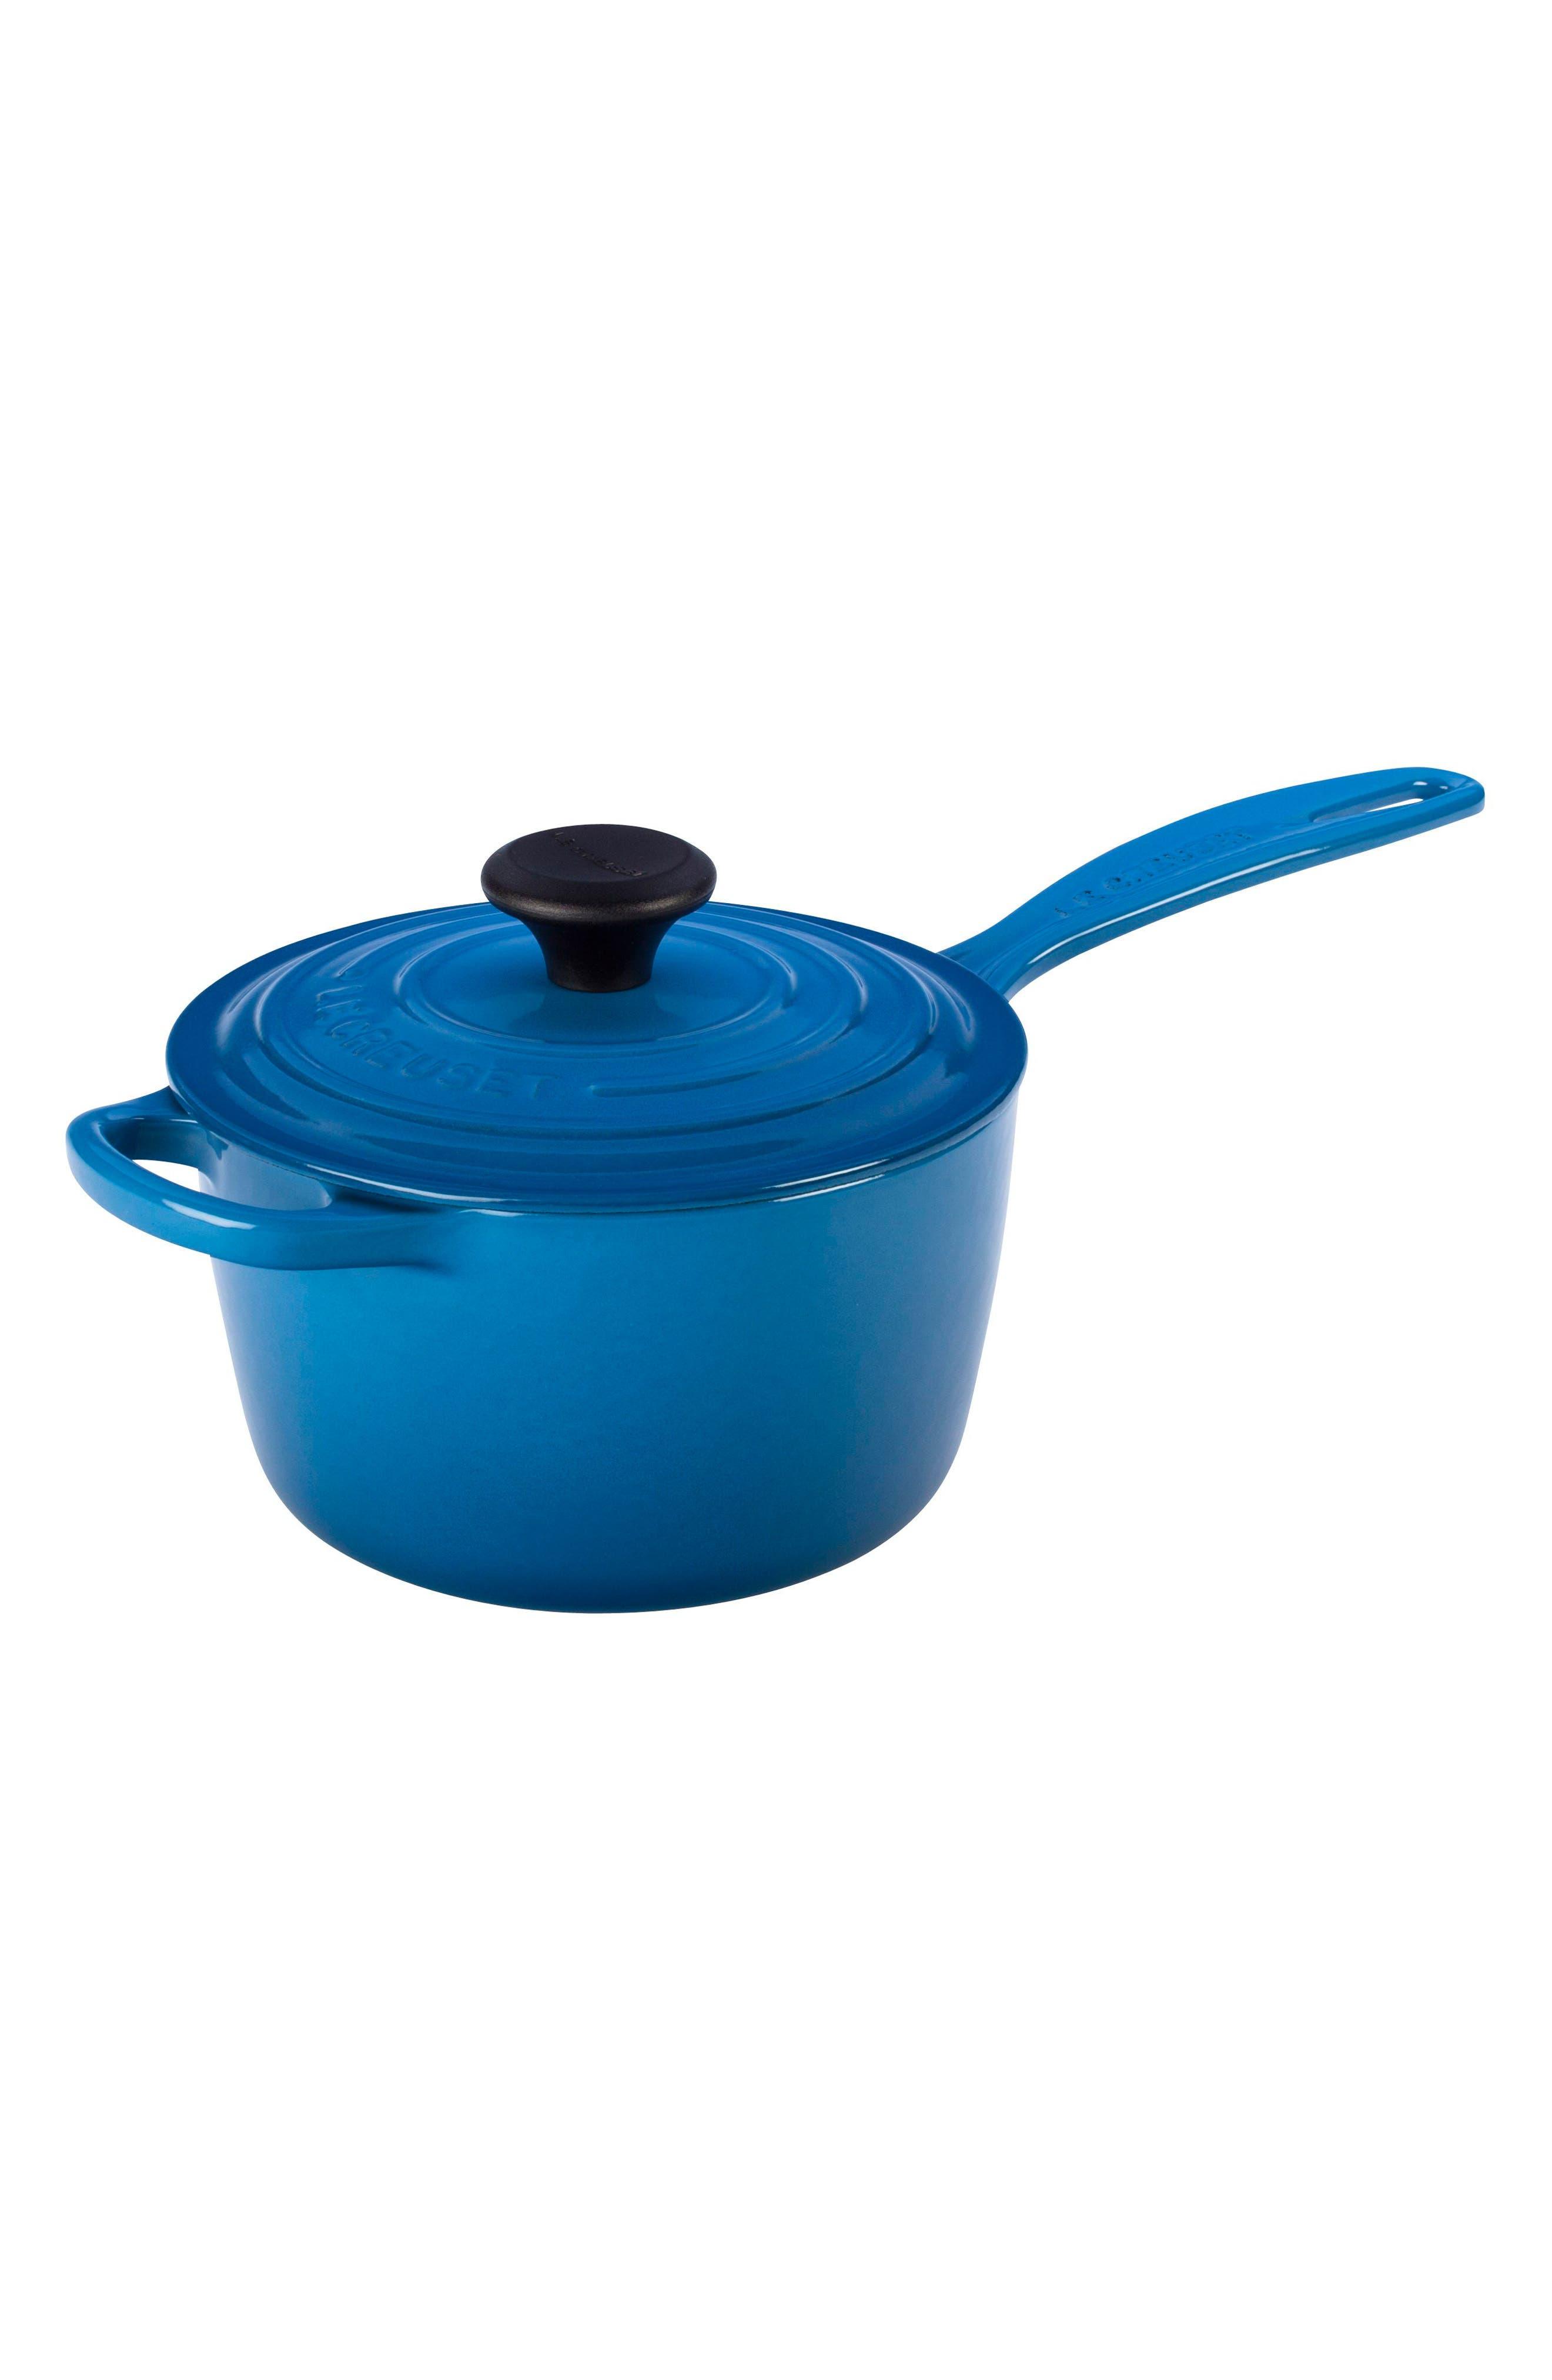 'Signature' 1 3/4 Quart Cast Iron Saucepan,                         Main,                         color, MARSEILLE